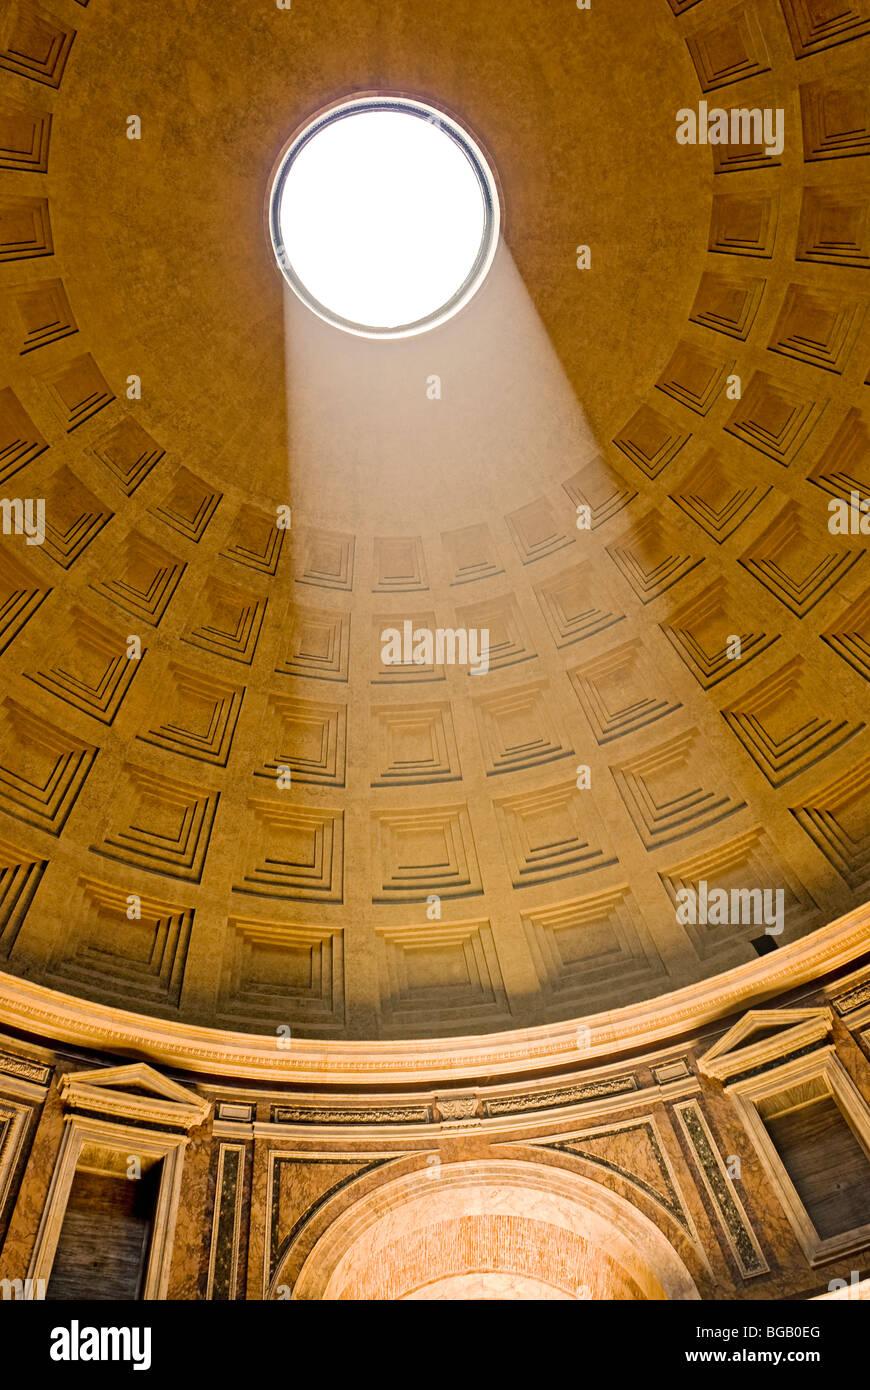 Rom, Italien. Innere der Pantheon auf der Piazza della Rotonda das Oculus und die Kassettendecke. Stockbild